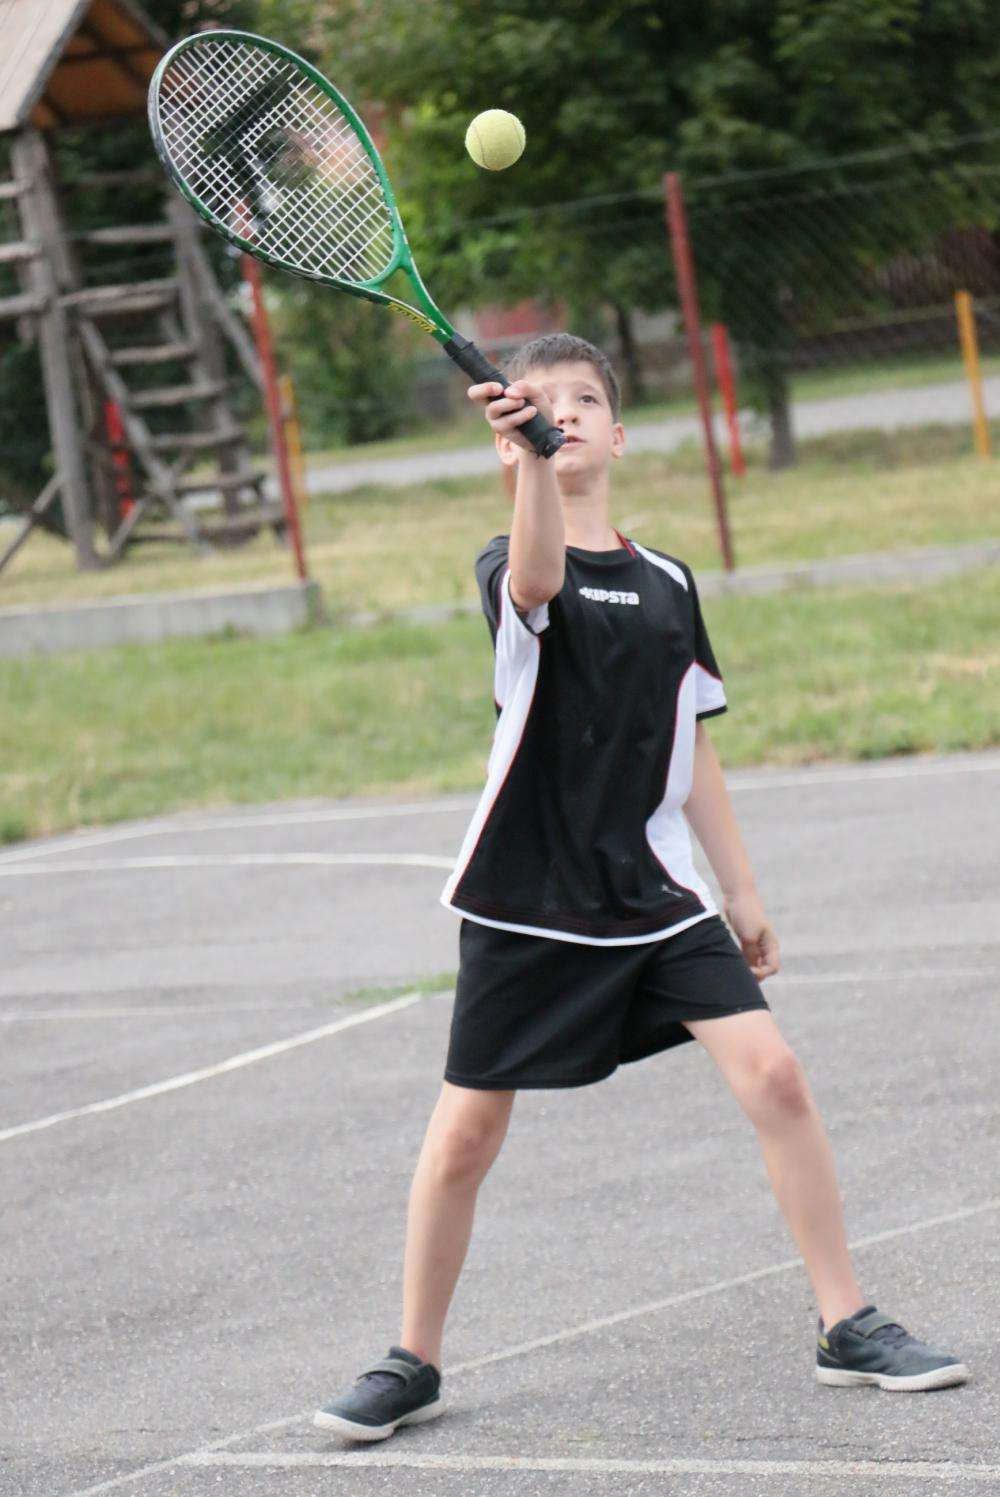 NAPRAFORGÓ Tenisztábor